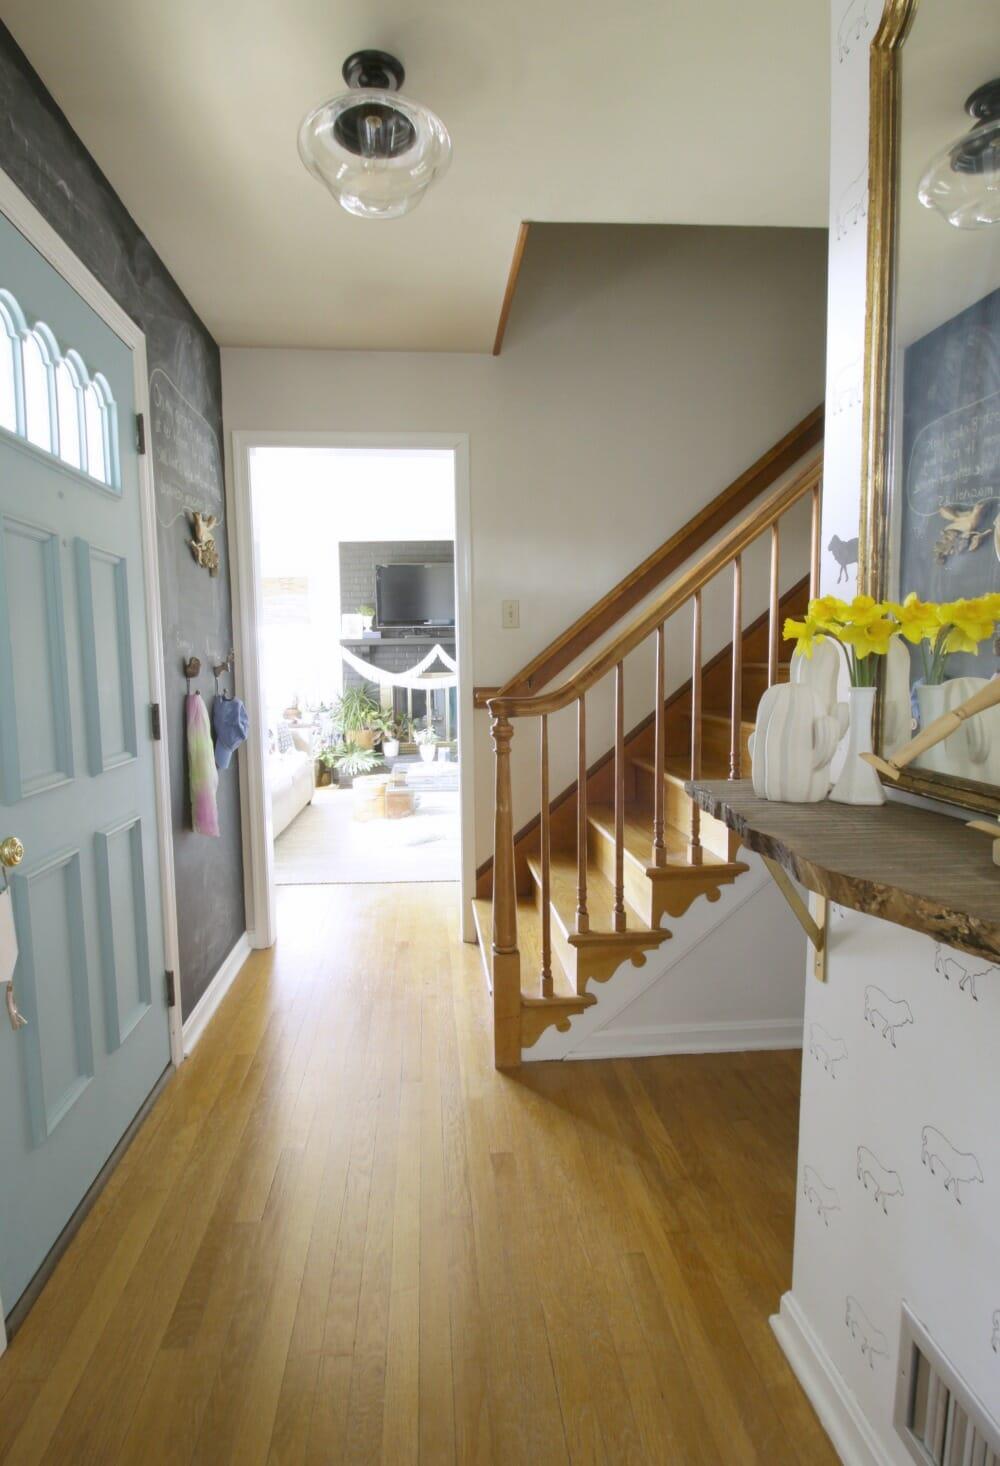 Cape cod house decor